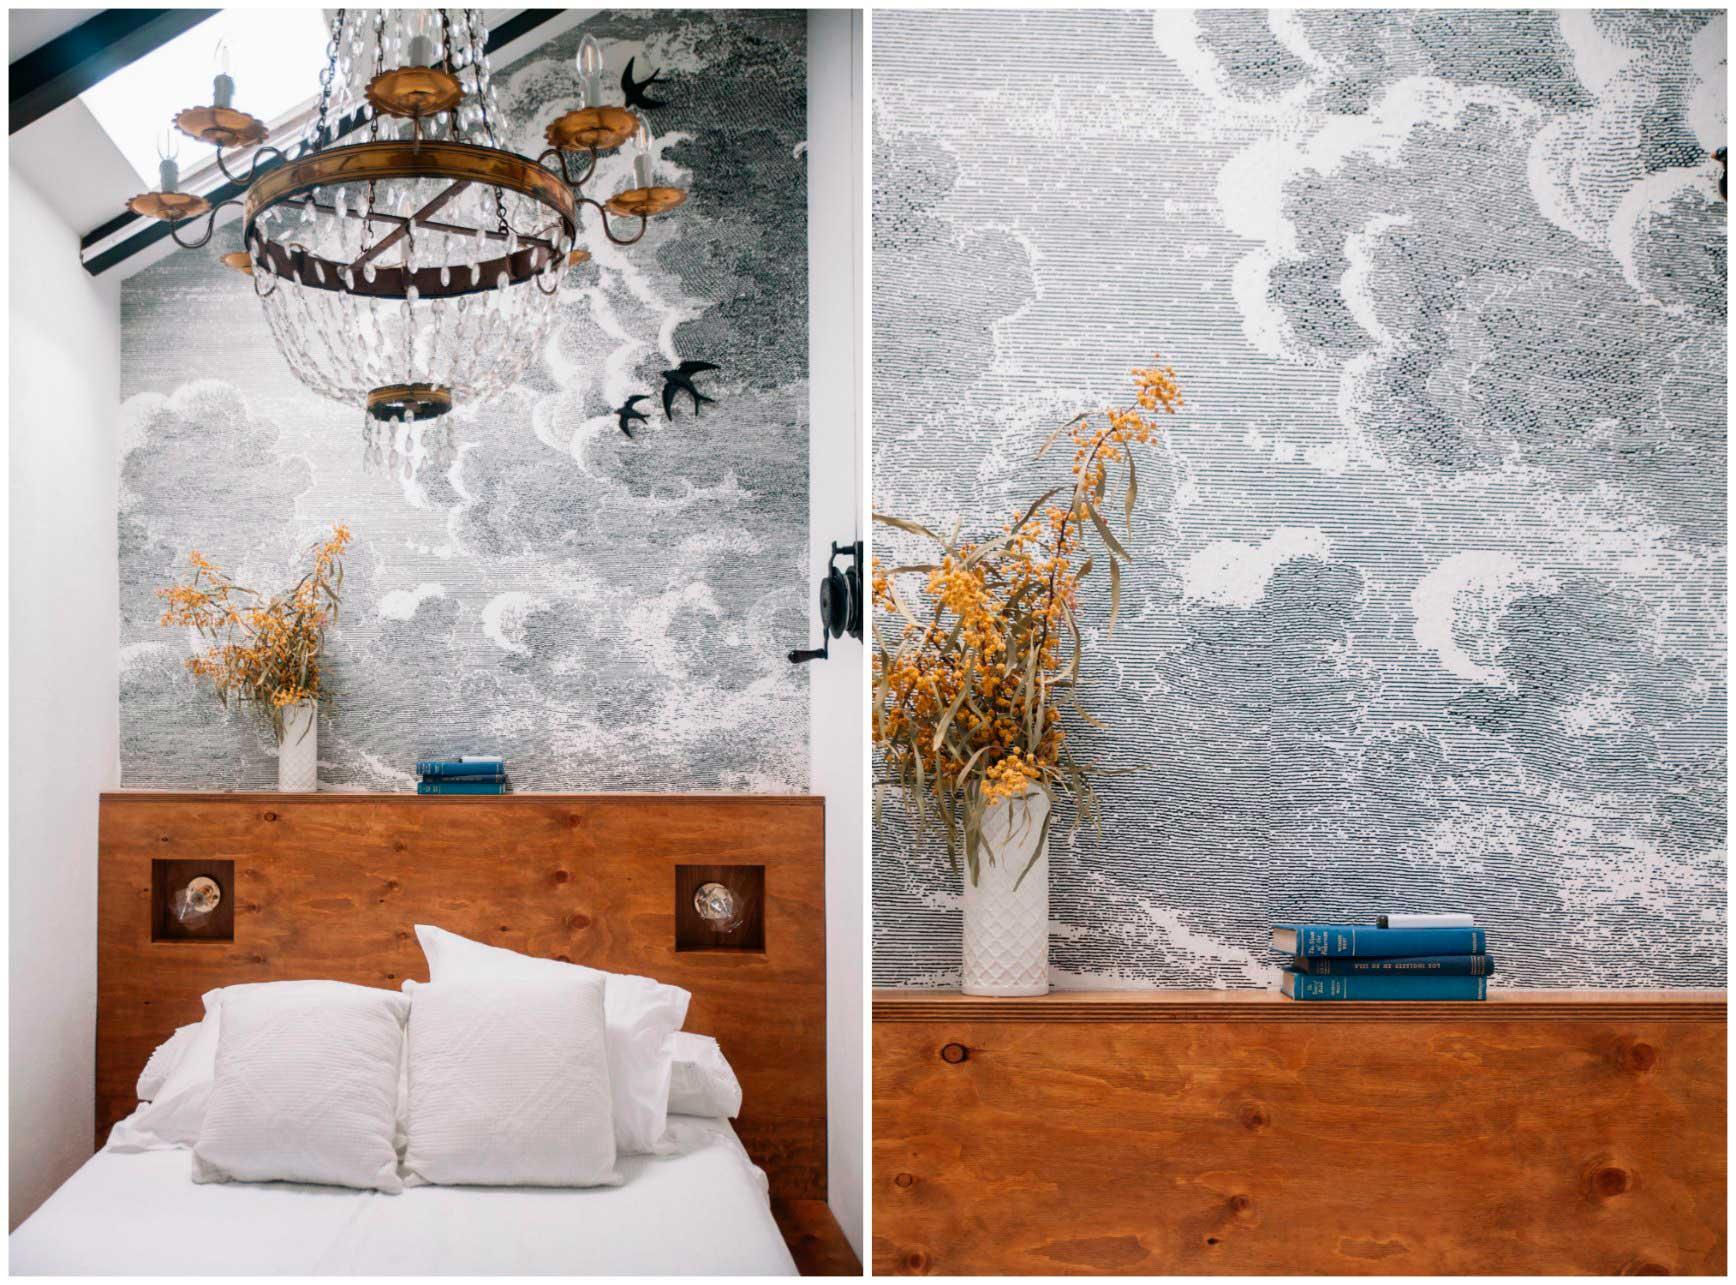 Alojamiento Cabo de Gata - Airbnb_claraBmartin_13